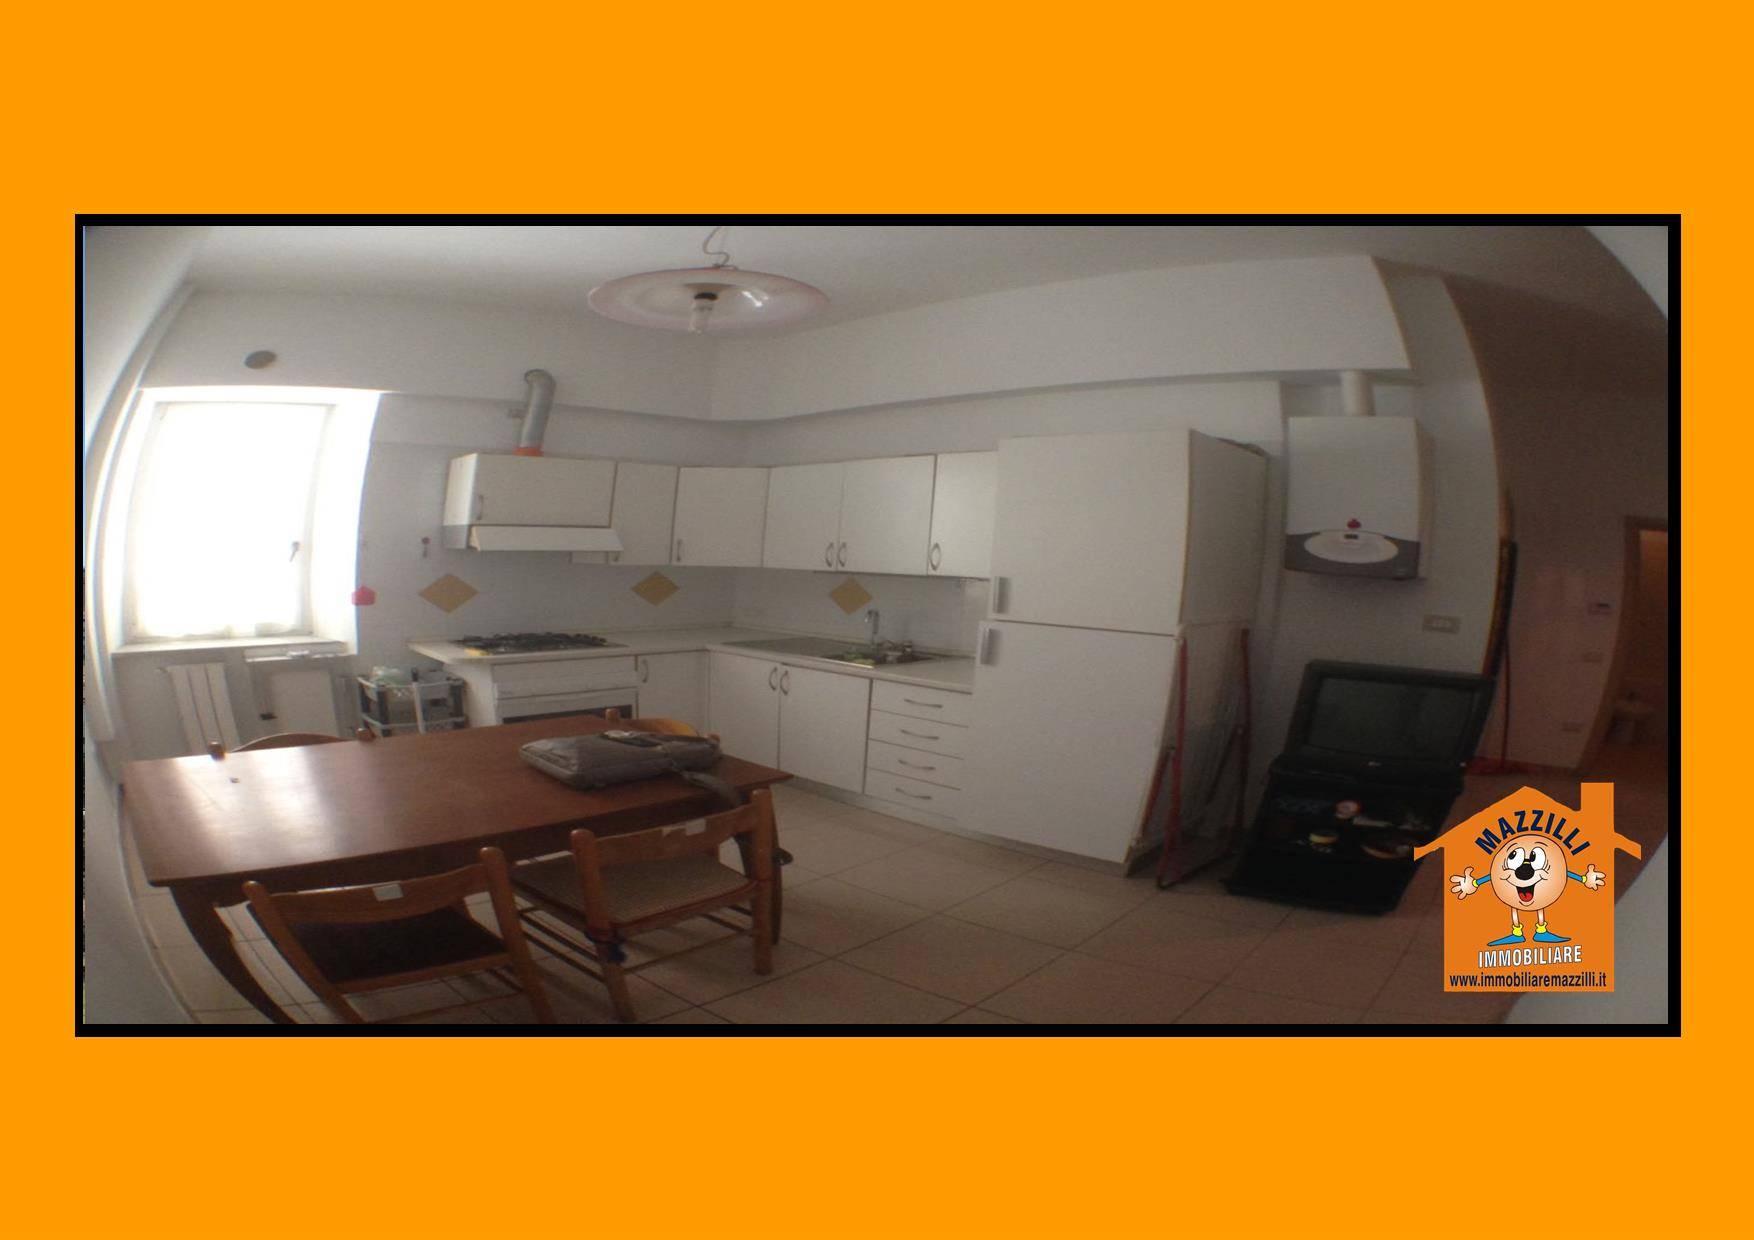 Appartamento in vendita a Potenza, 2 locali, prezzo € 42.000 | CambioCasa.it